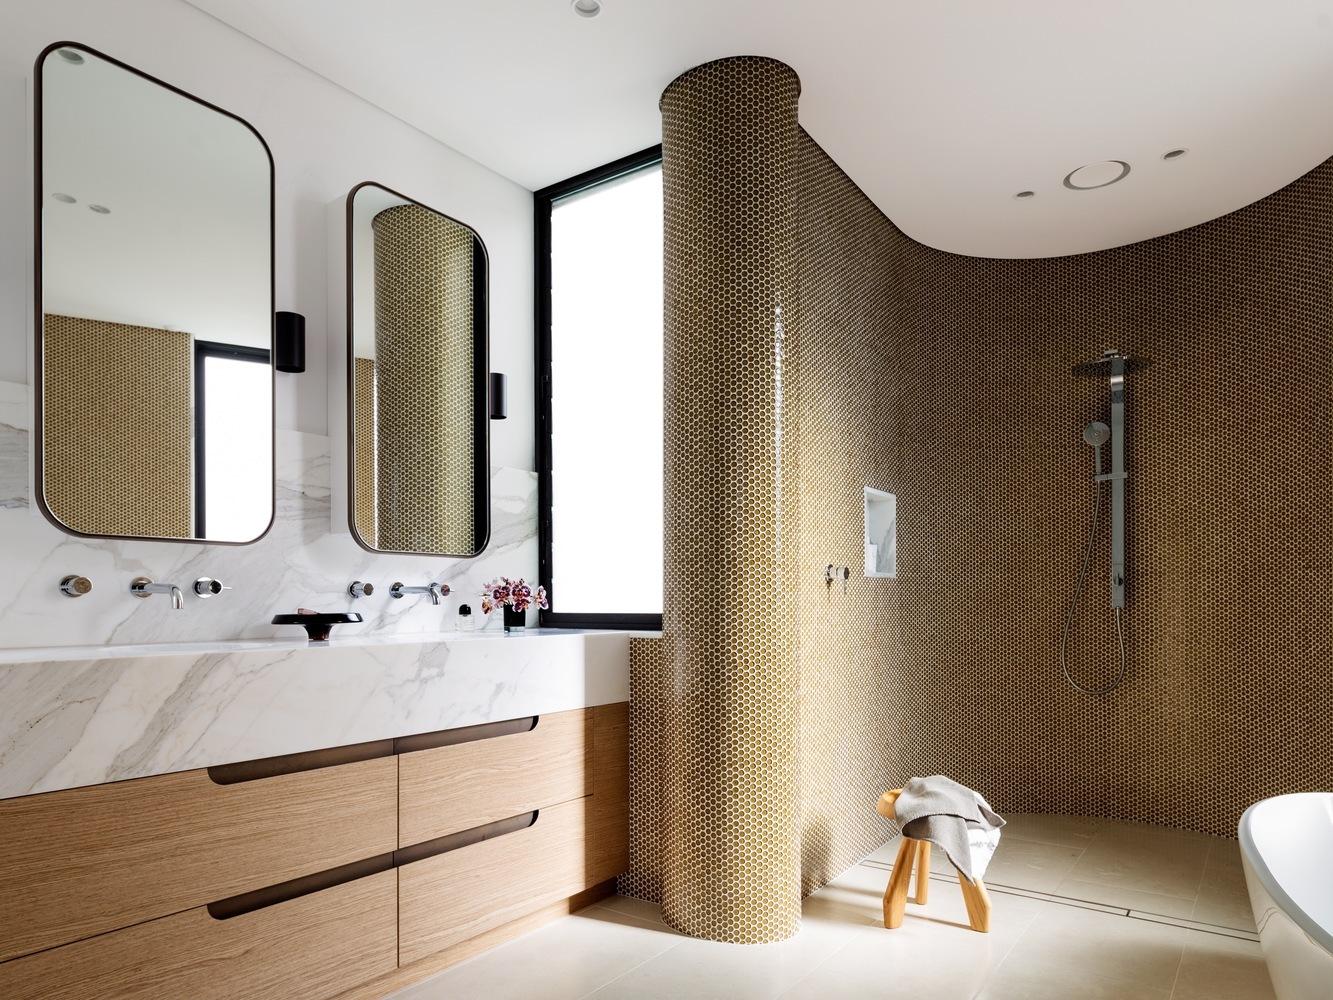 Imagem - Quais são os melhores revestimentos para banheiros?